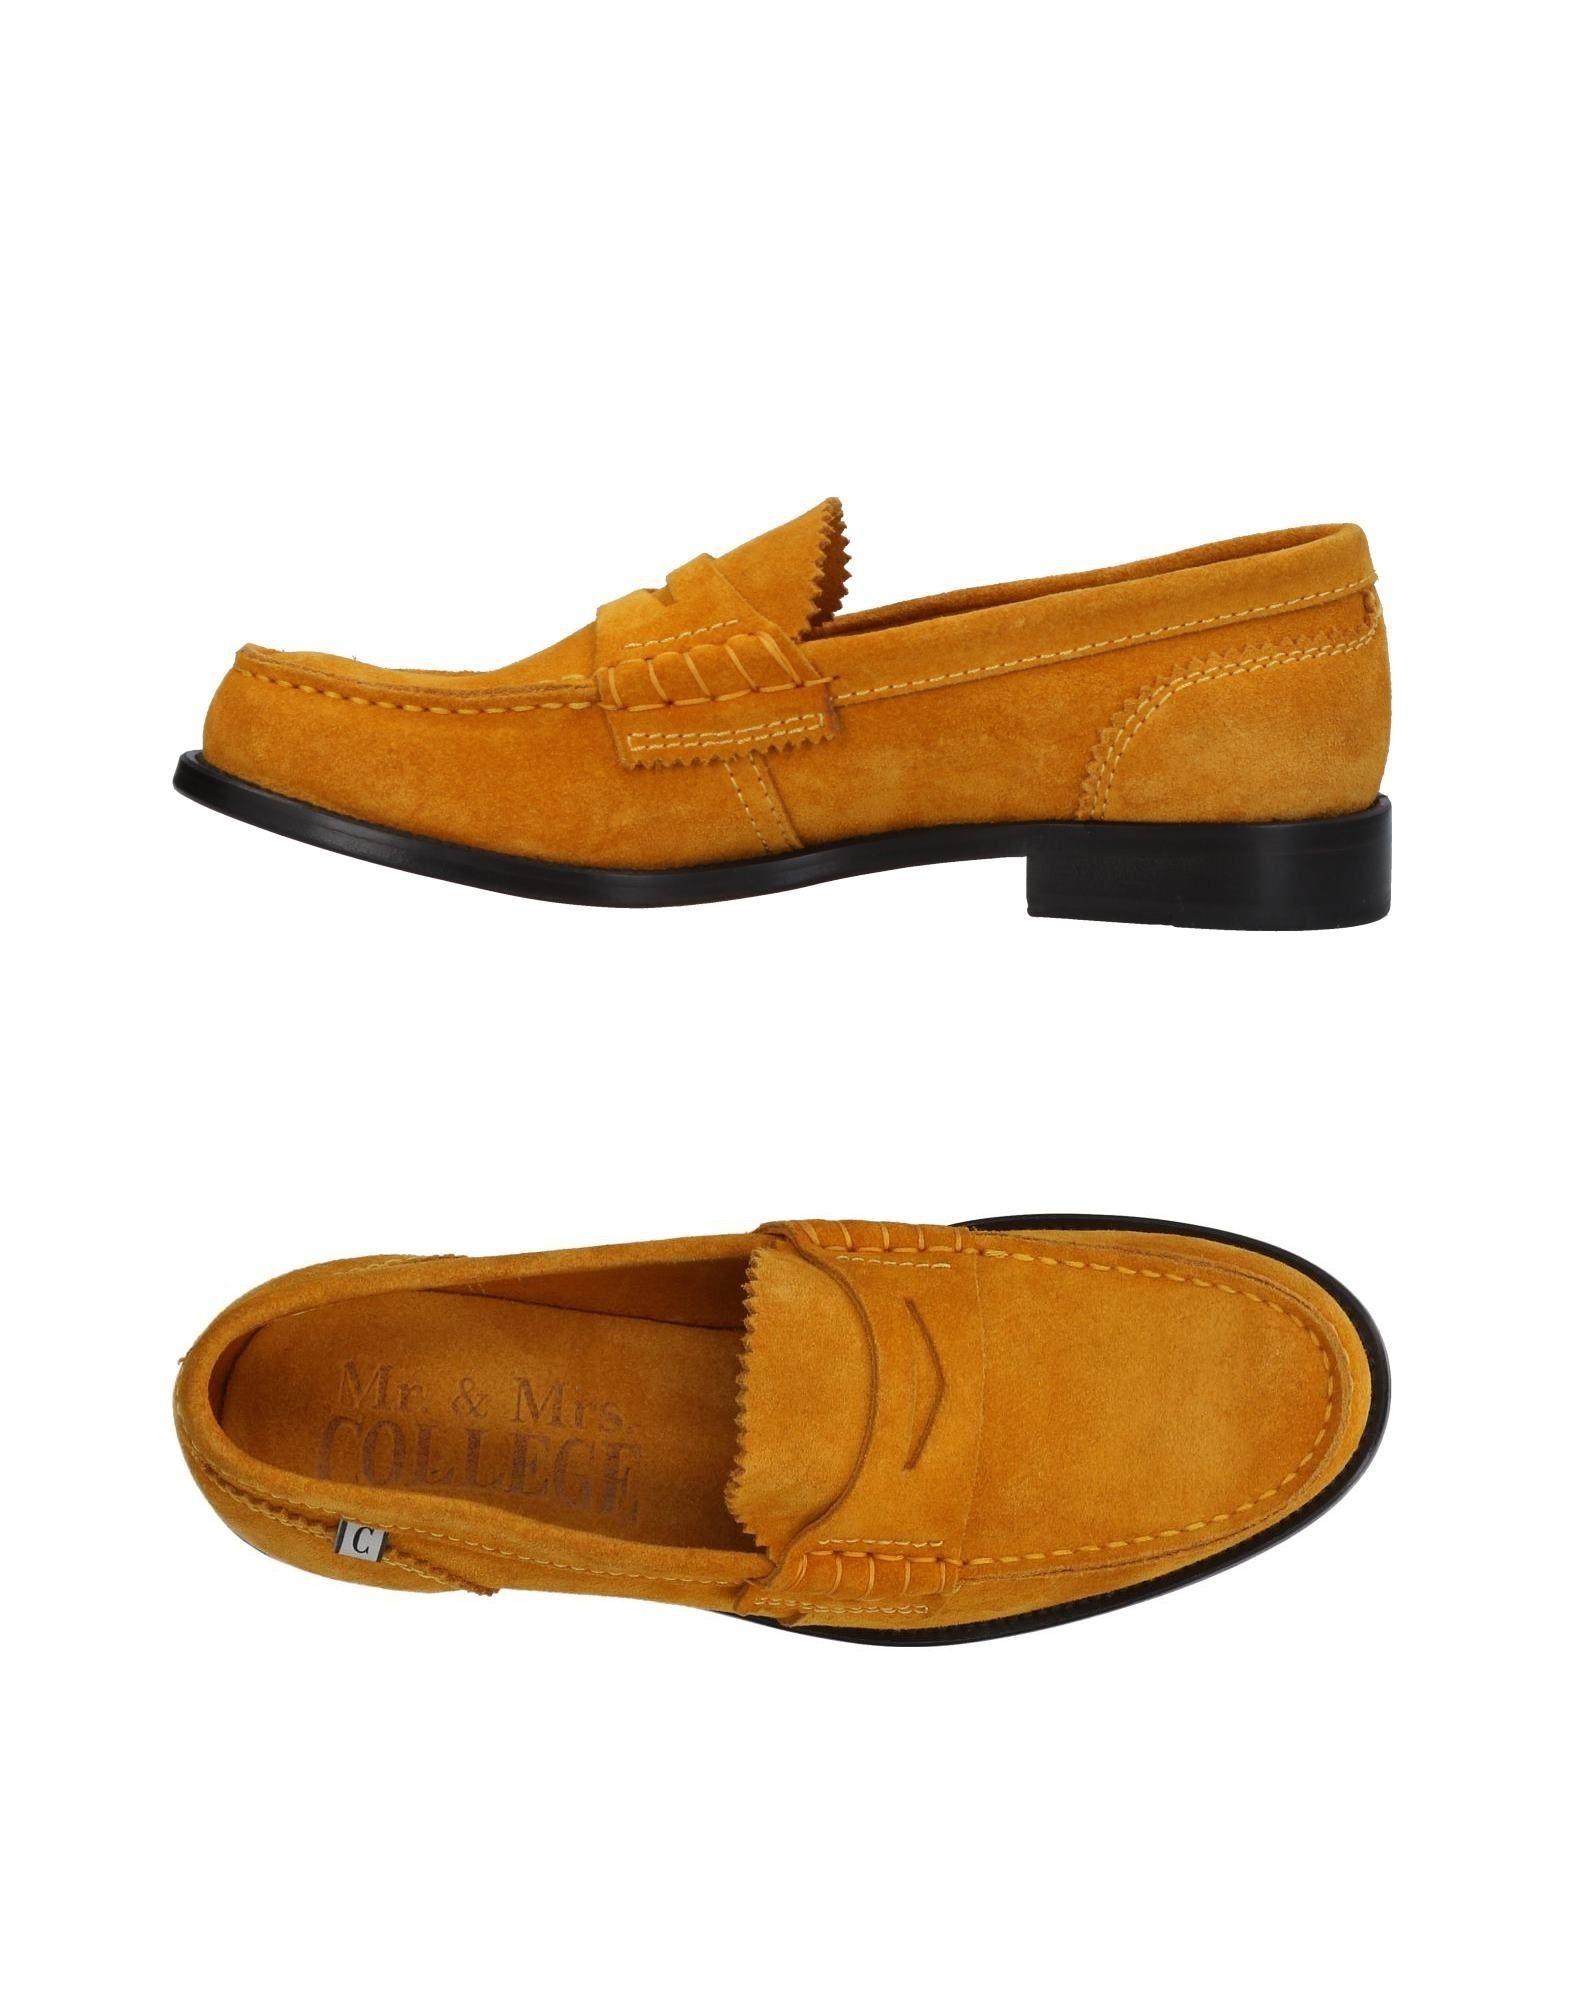 Mr. & Mrs. College Mokassins Damen  11428475WM Gute Qualität beliebte Schuhe